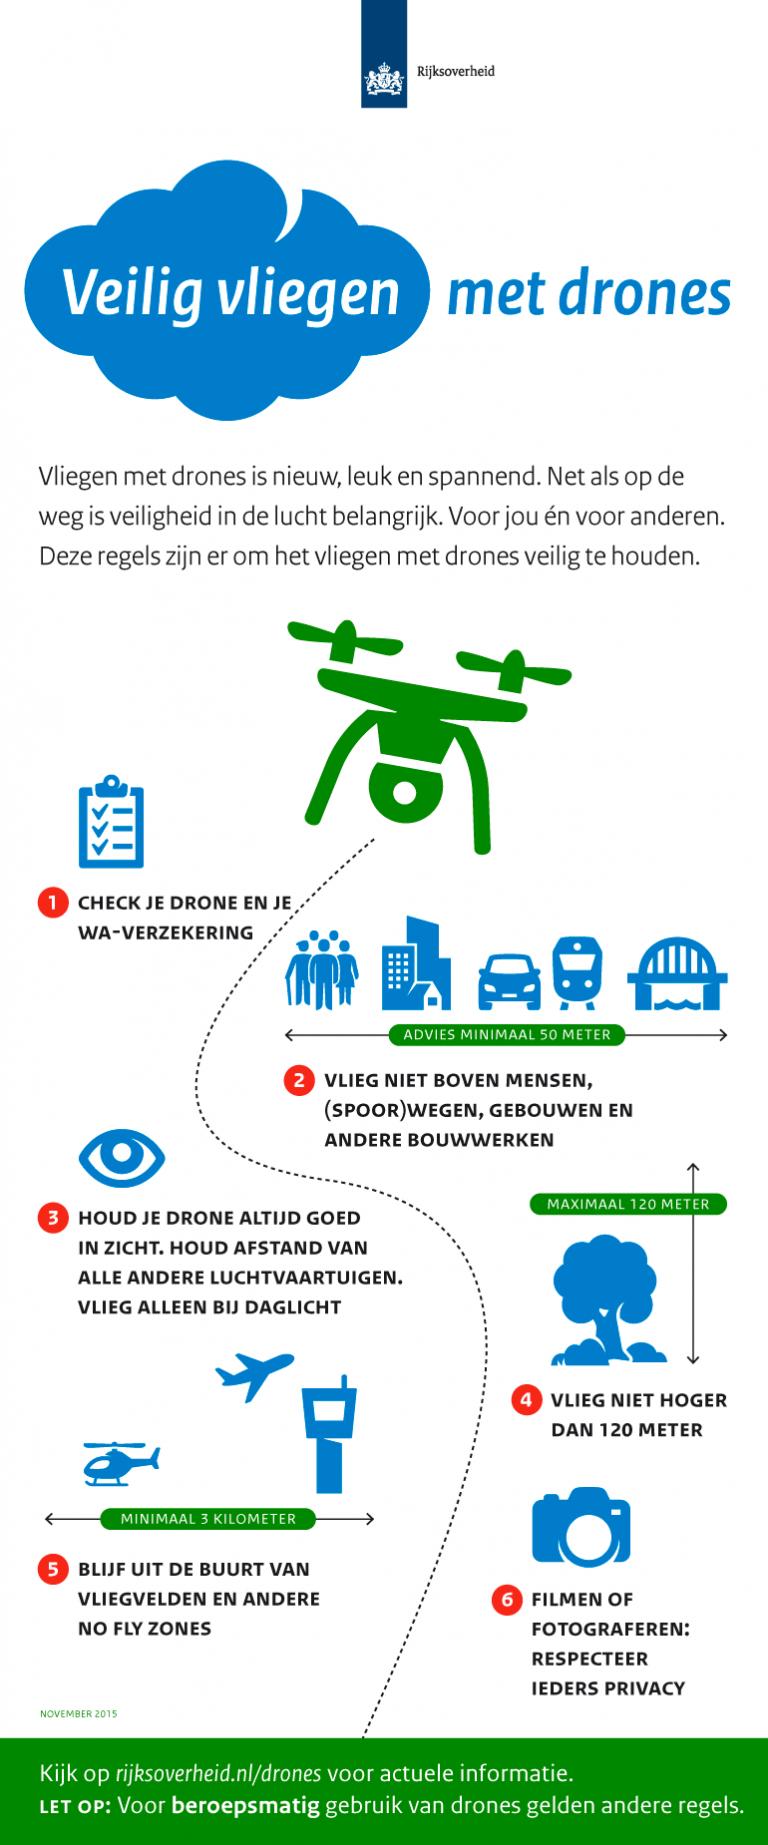 veilig vliegen met drones - rijksoverheid campagne